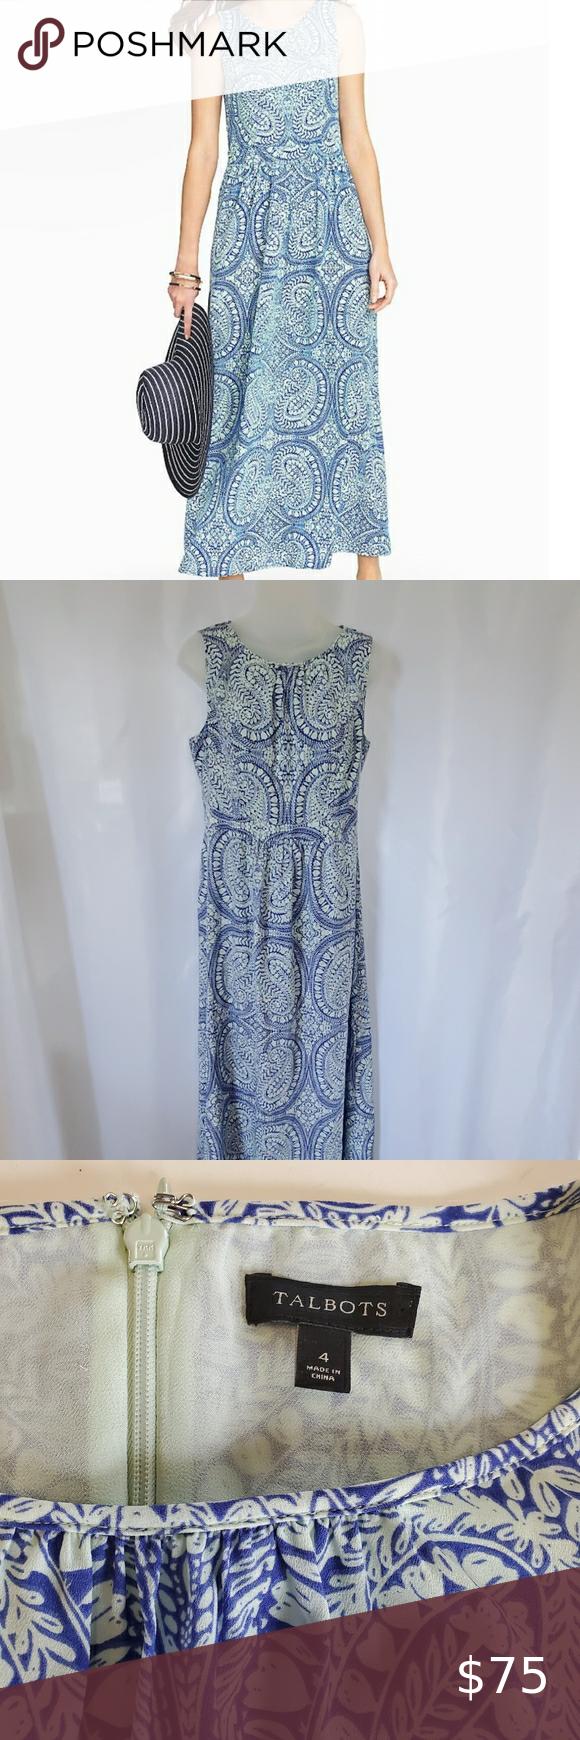 Talbots Maxi Dress Size 4 Chiffon Maxi Dress Maxi Dress Talbots Dress [ 1740 x 580 Pixel ]